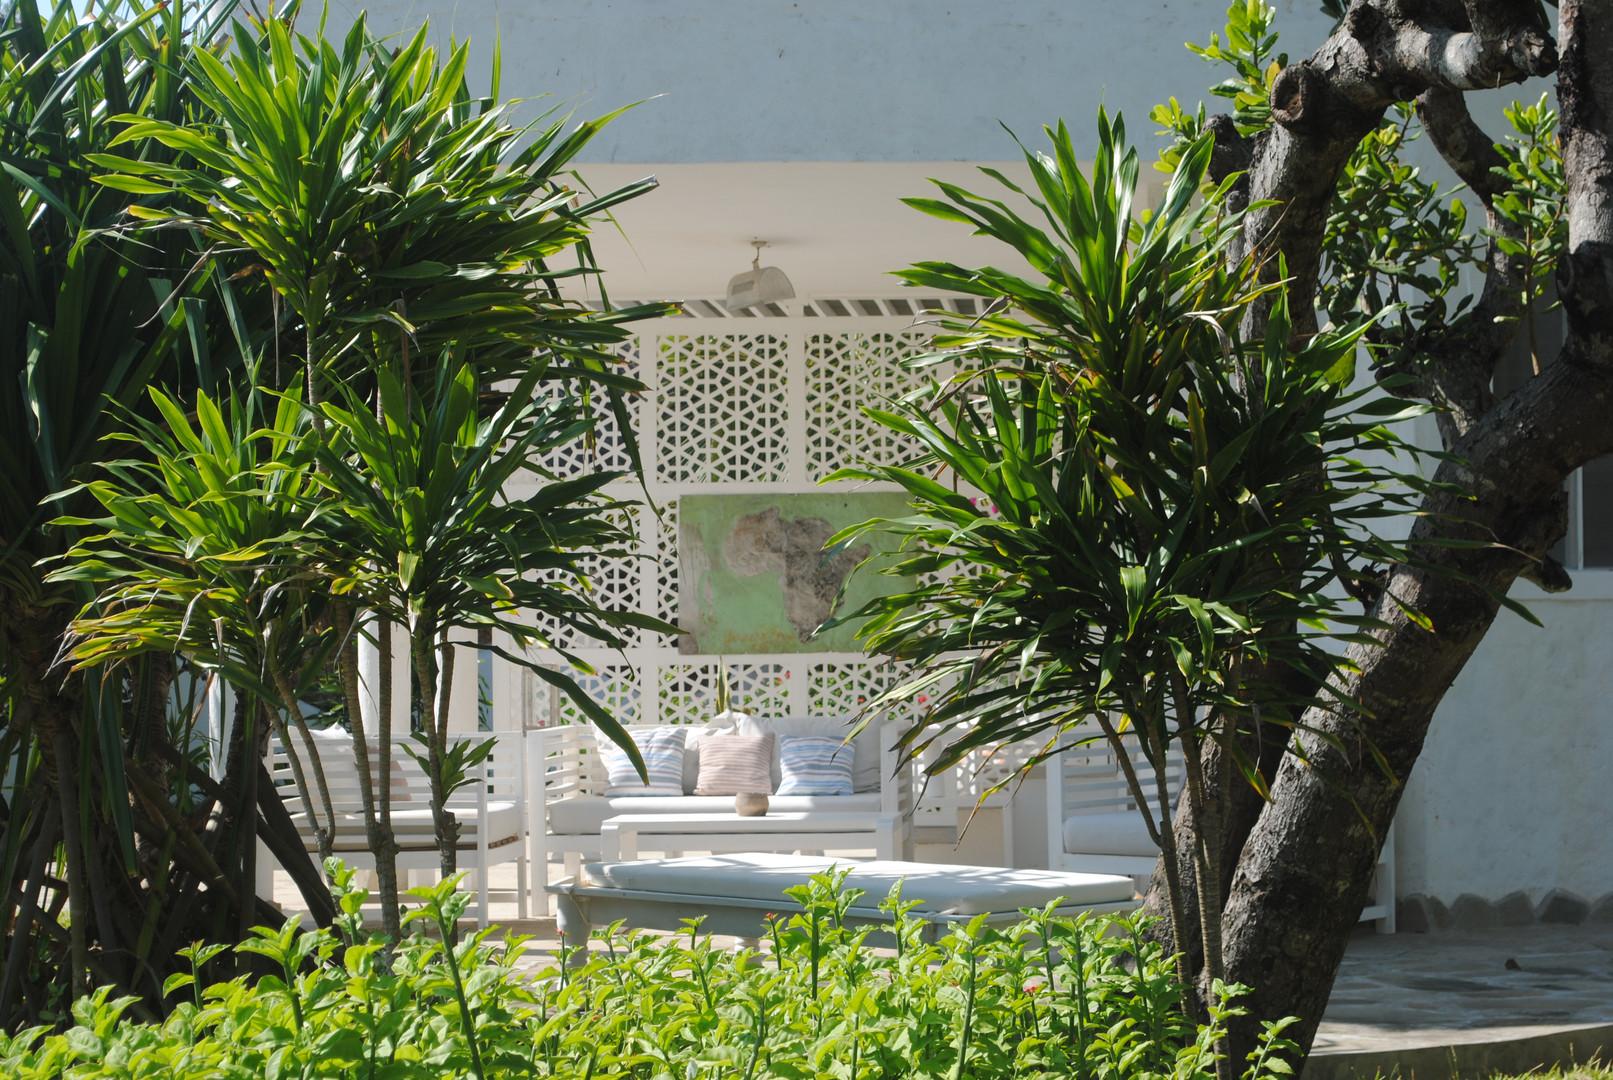 verandah villa kola beach mambrui